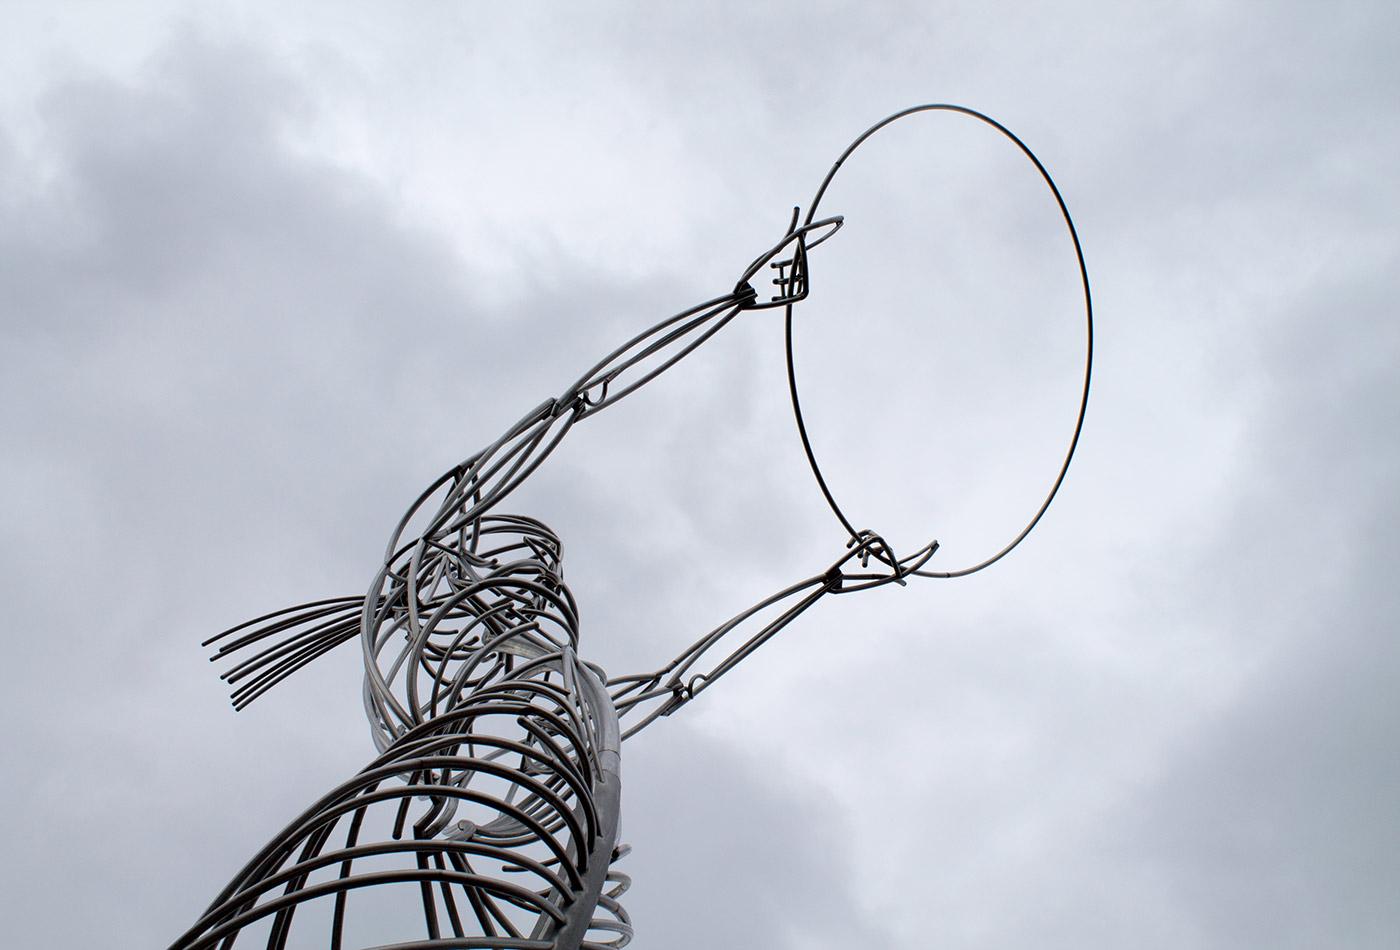 Wire art.